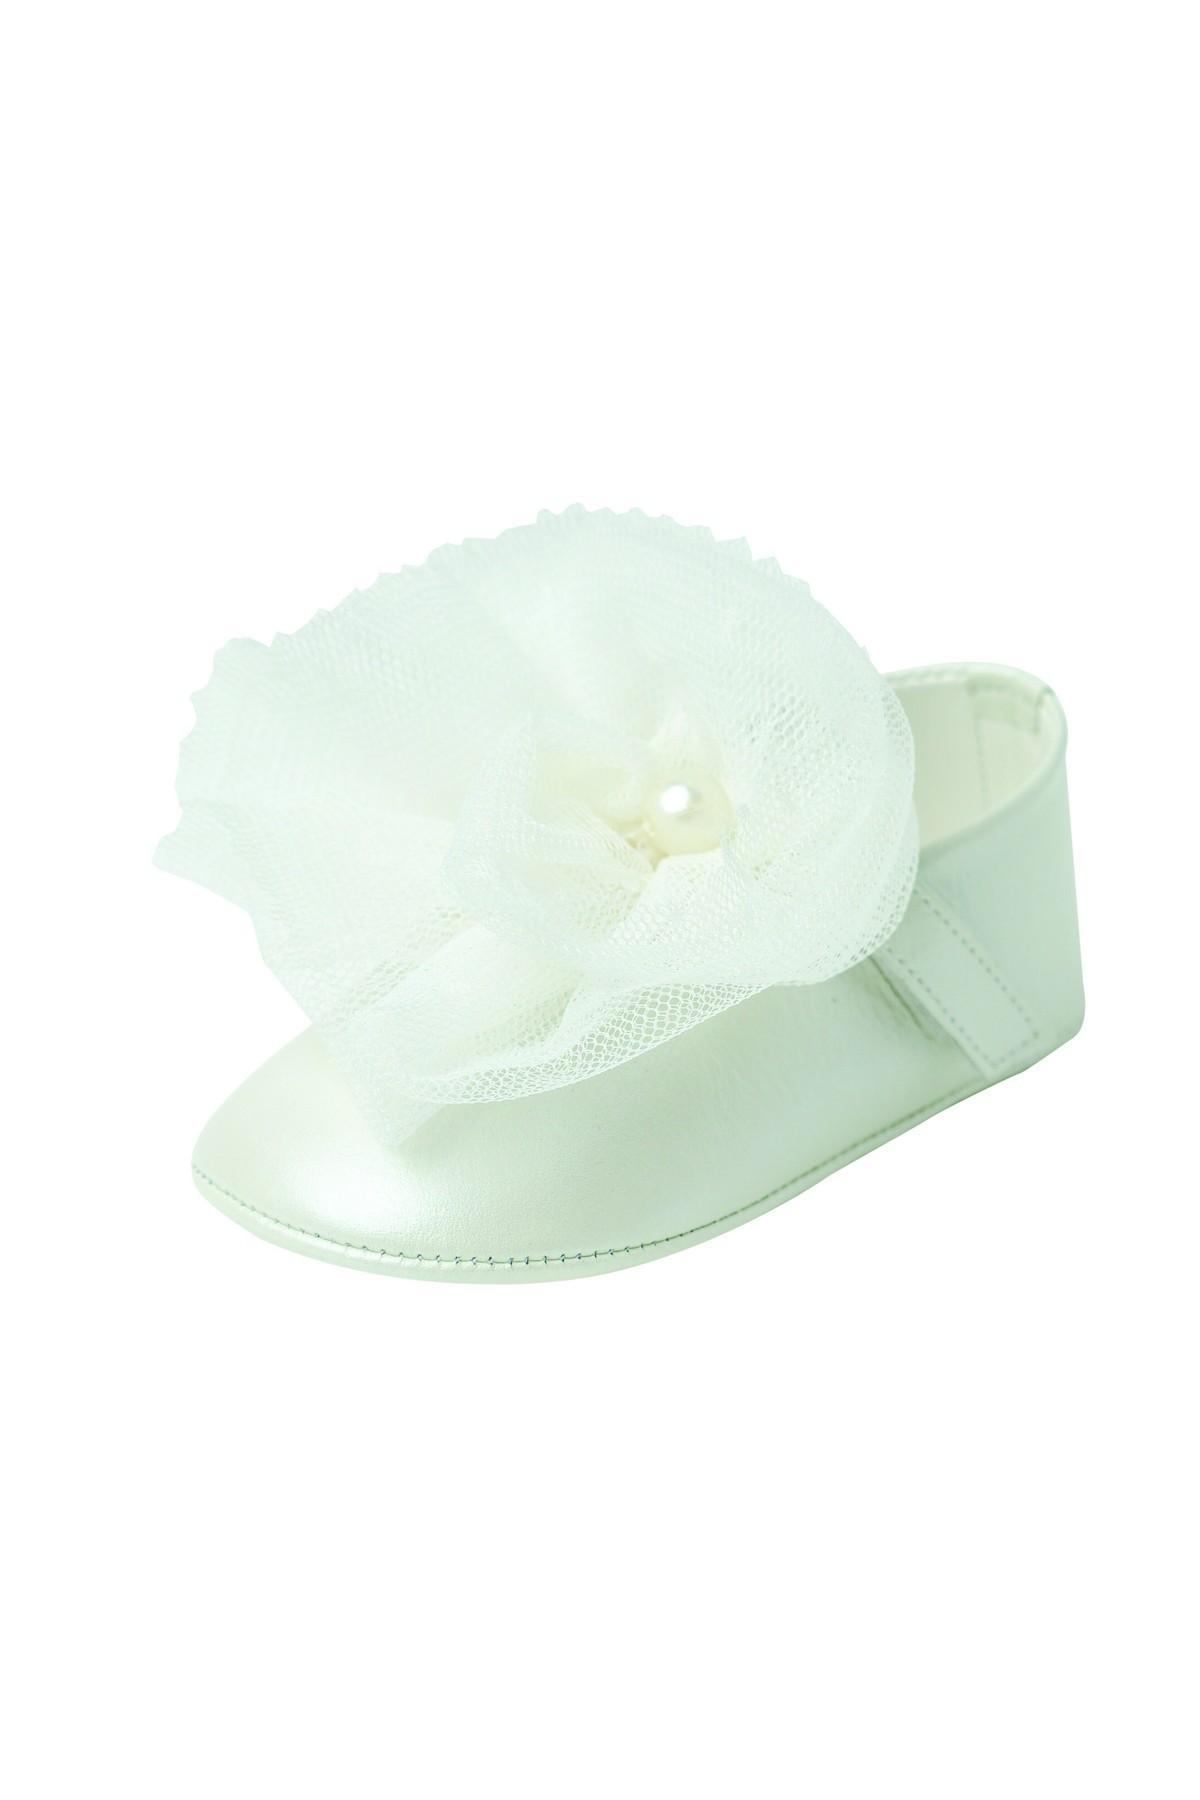 Παπουτσάκι αγκαλιάς εκρού τούλινο λουλούδι